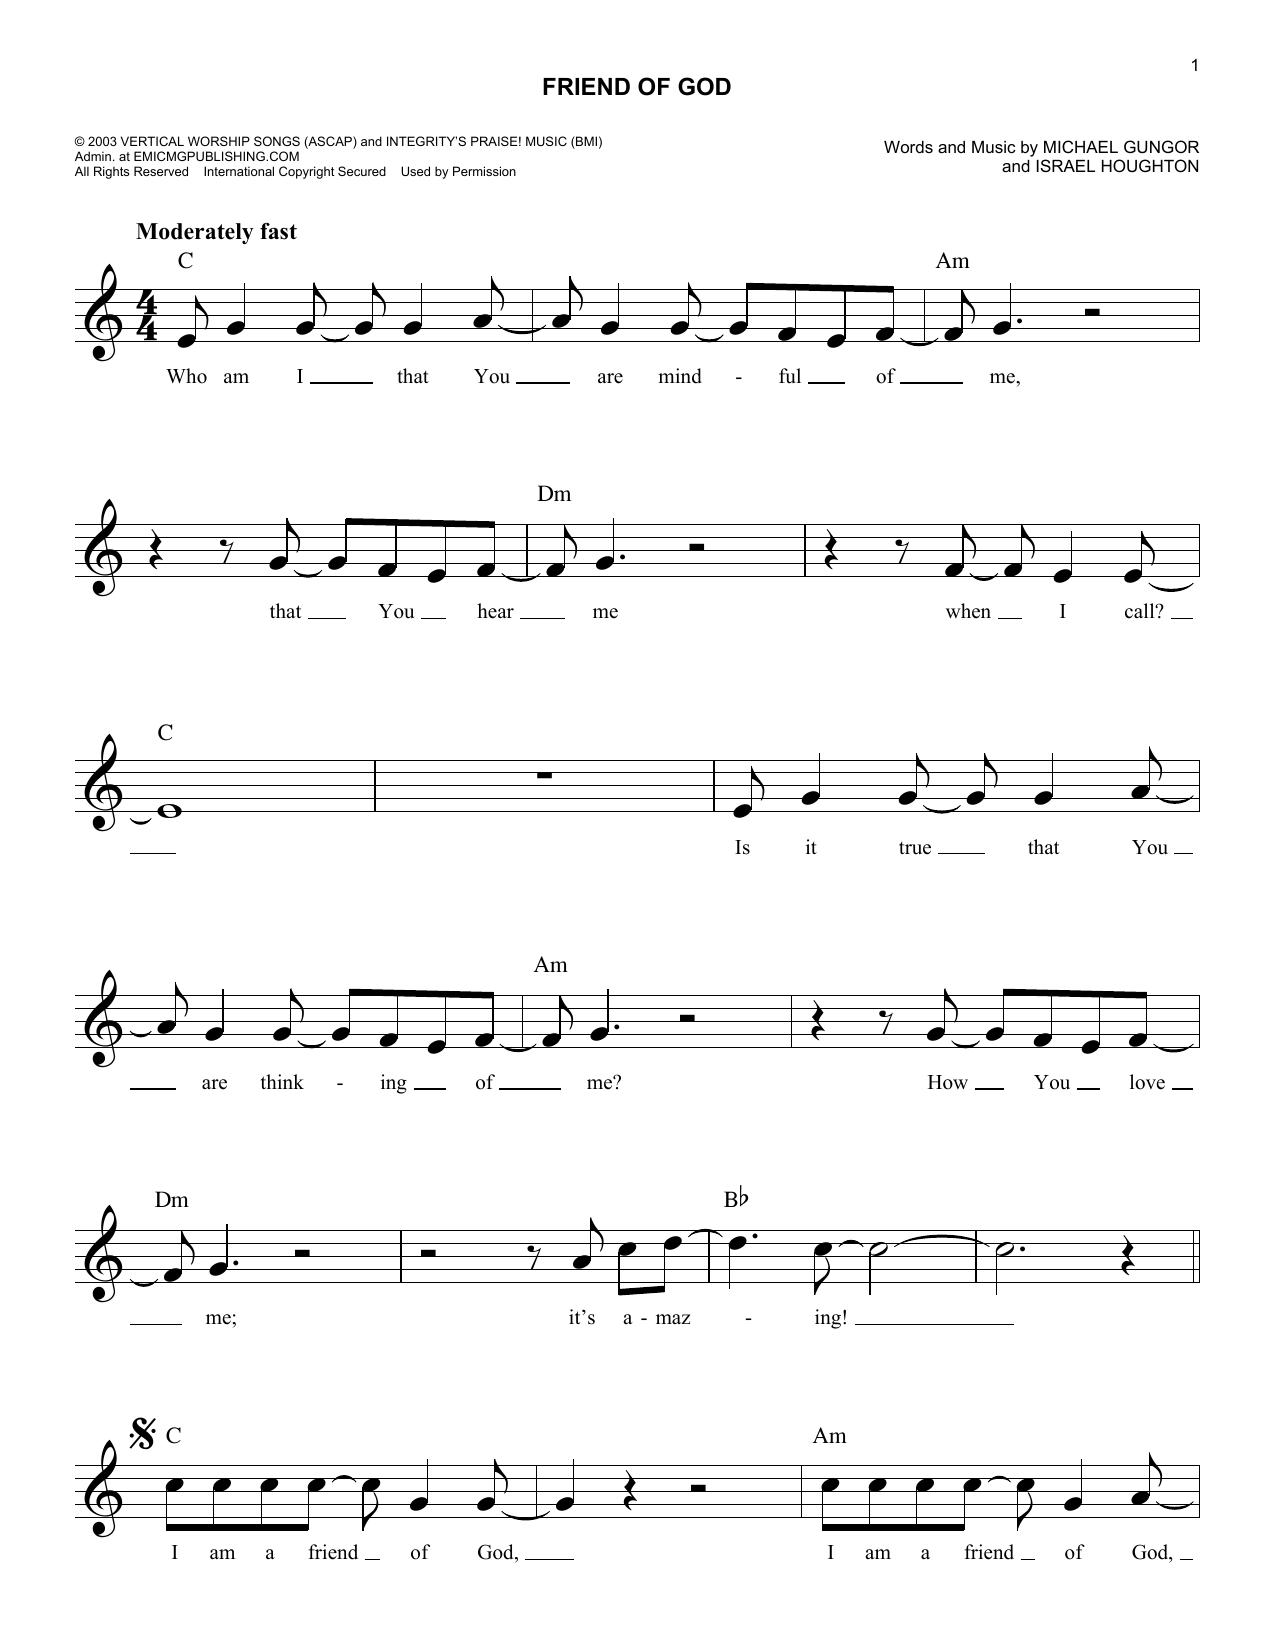 Friend Of God Sheet Music